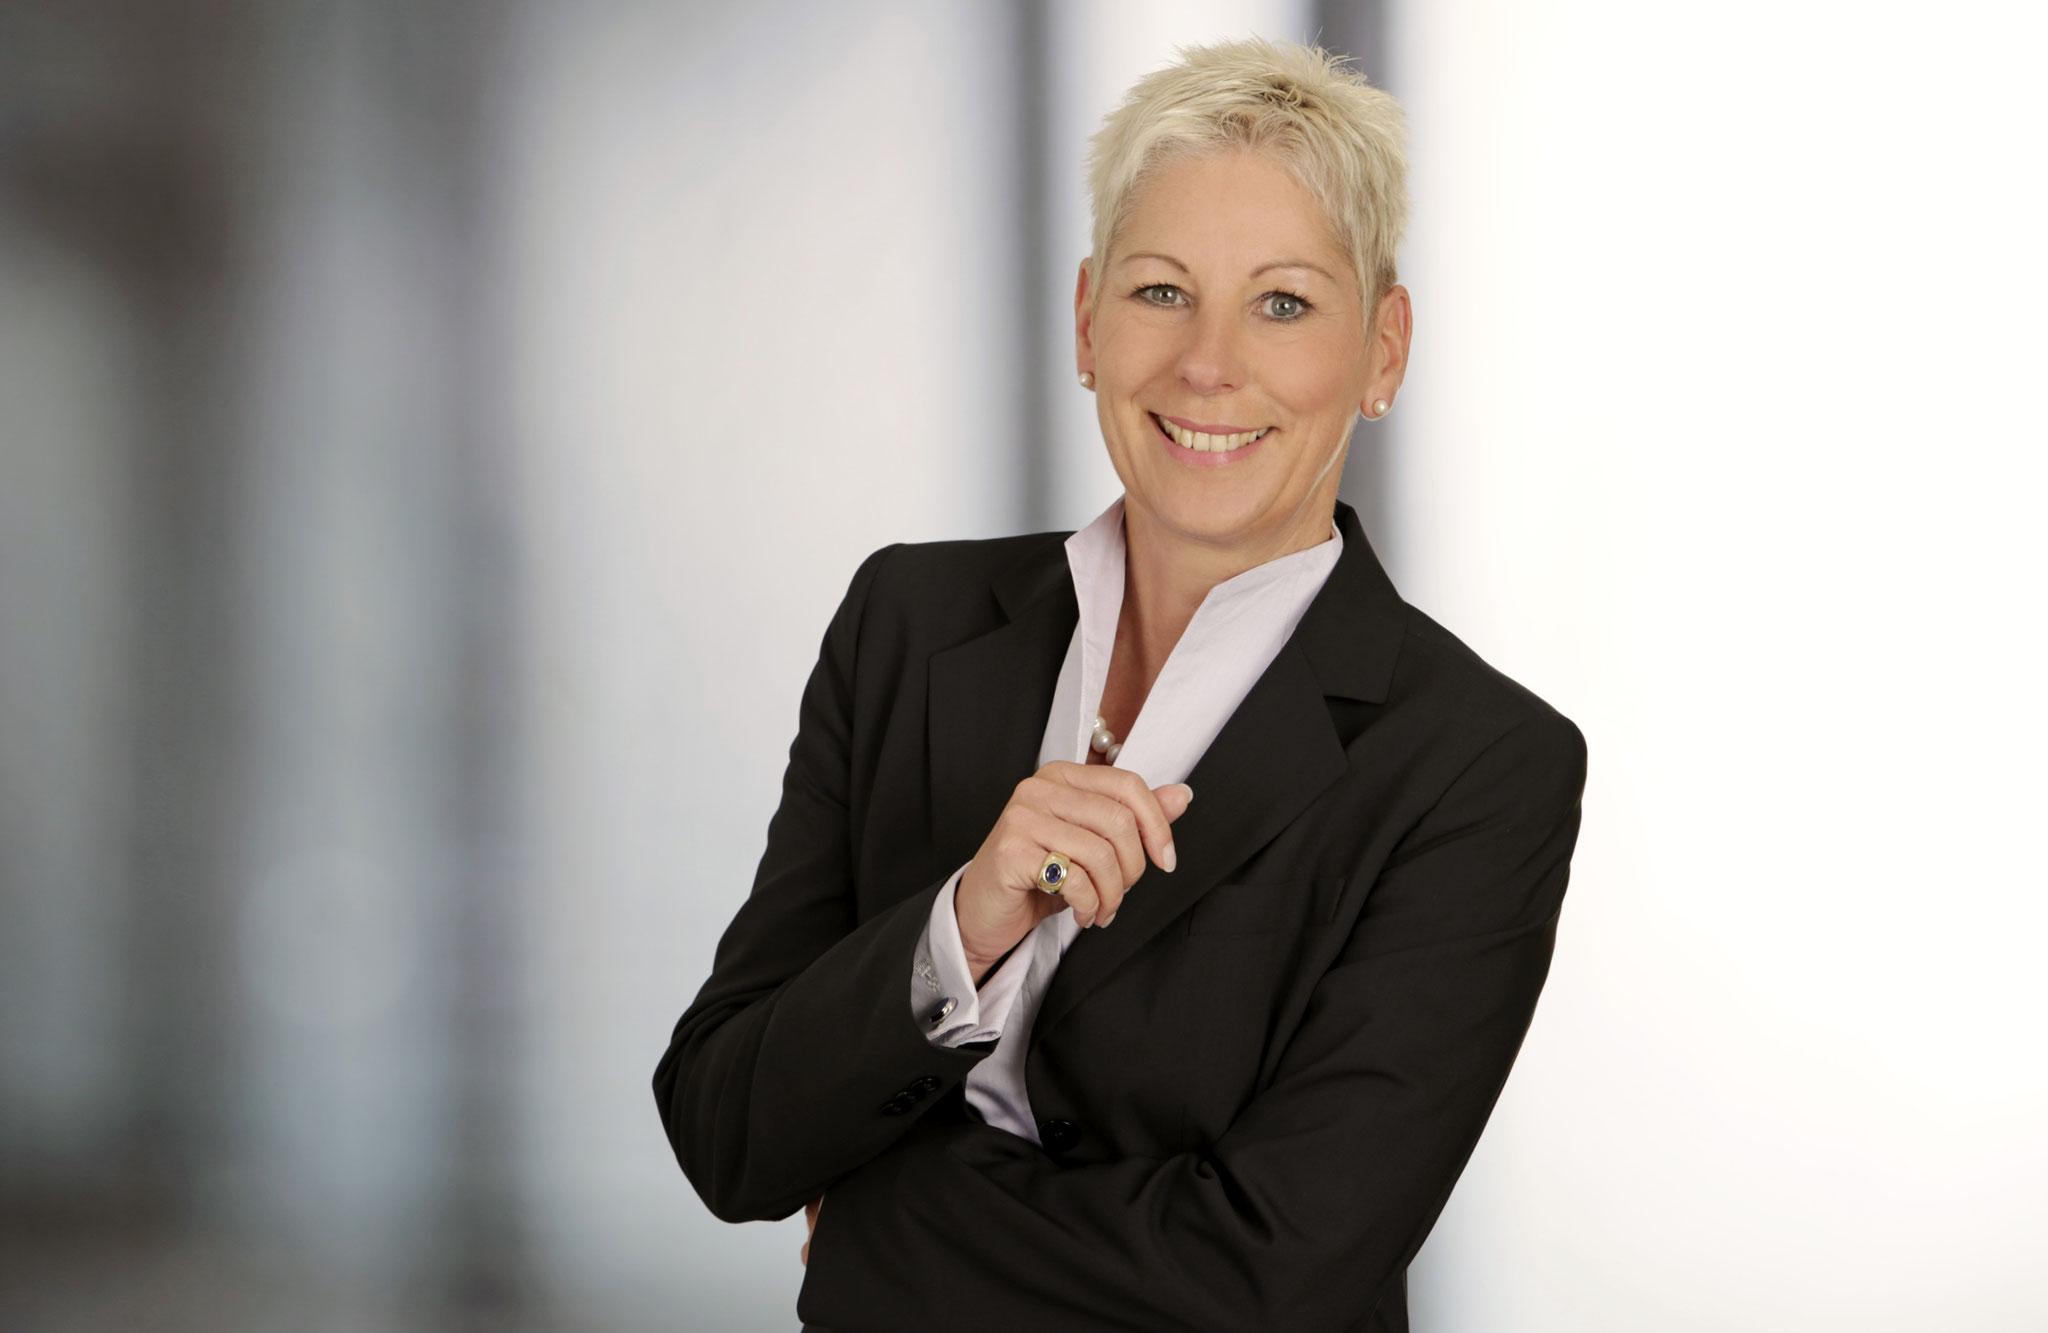 Petra Schreiber, Präsidentin bvfsi, Karriere, Image- und Persönlichkeitstrainerin, 61368 Schmitten/Ts.